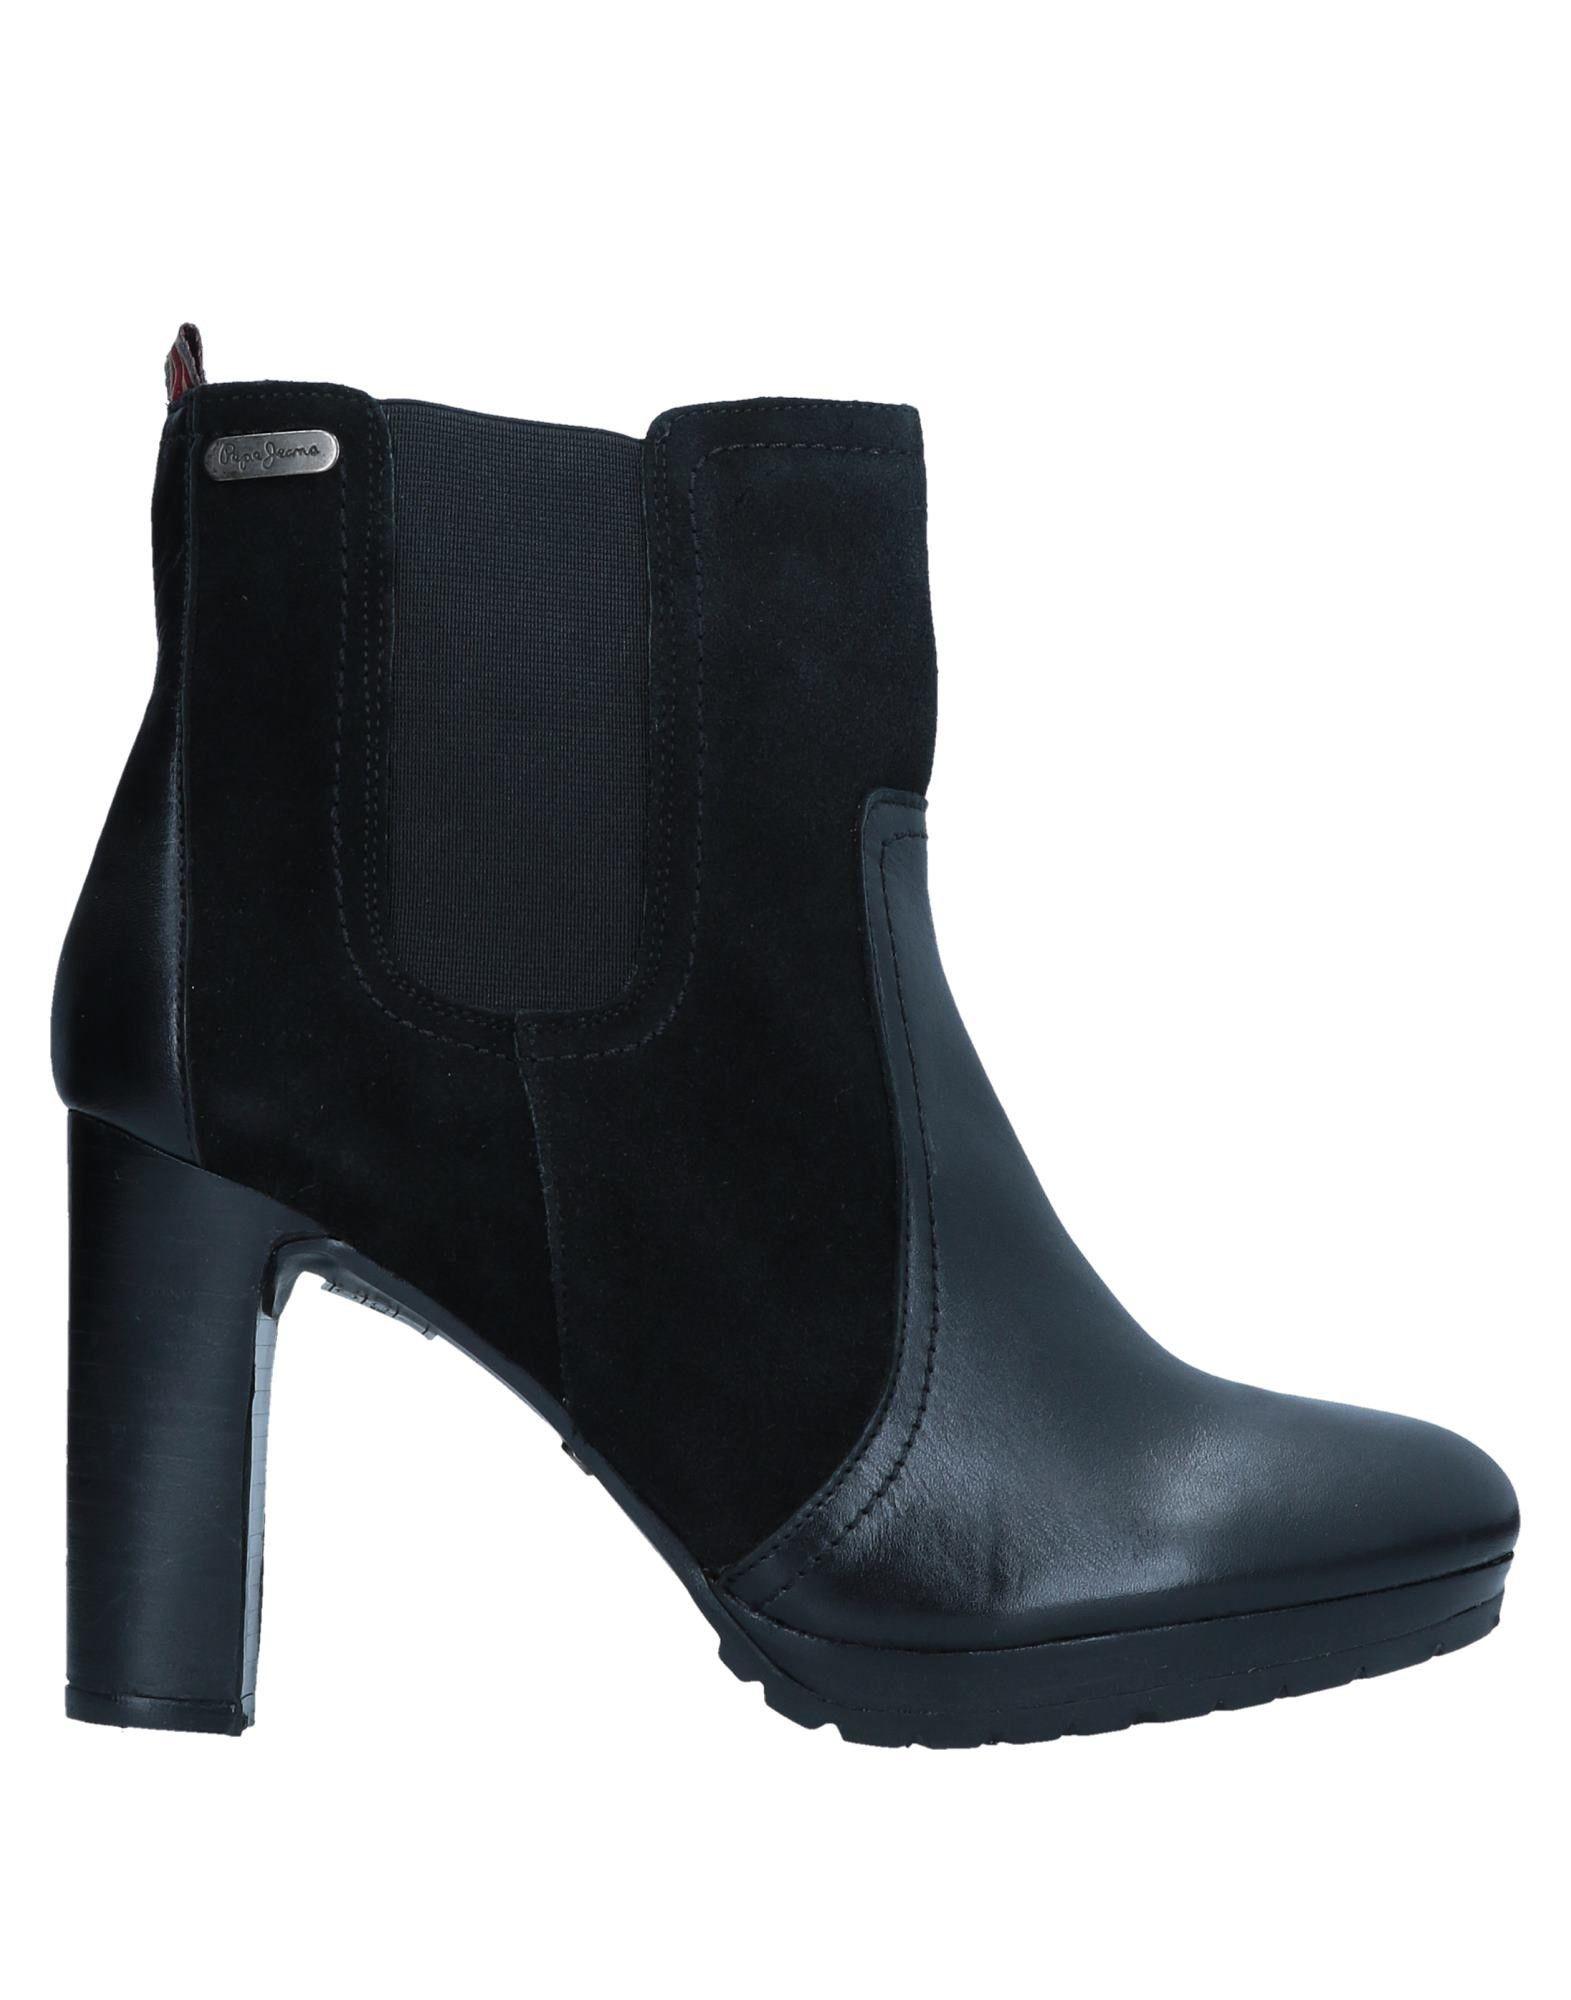 Pepe Jeans Chelsea Boots Damen  11544801VD Gute Qualität beliebte Schuhe